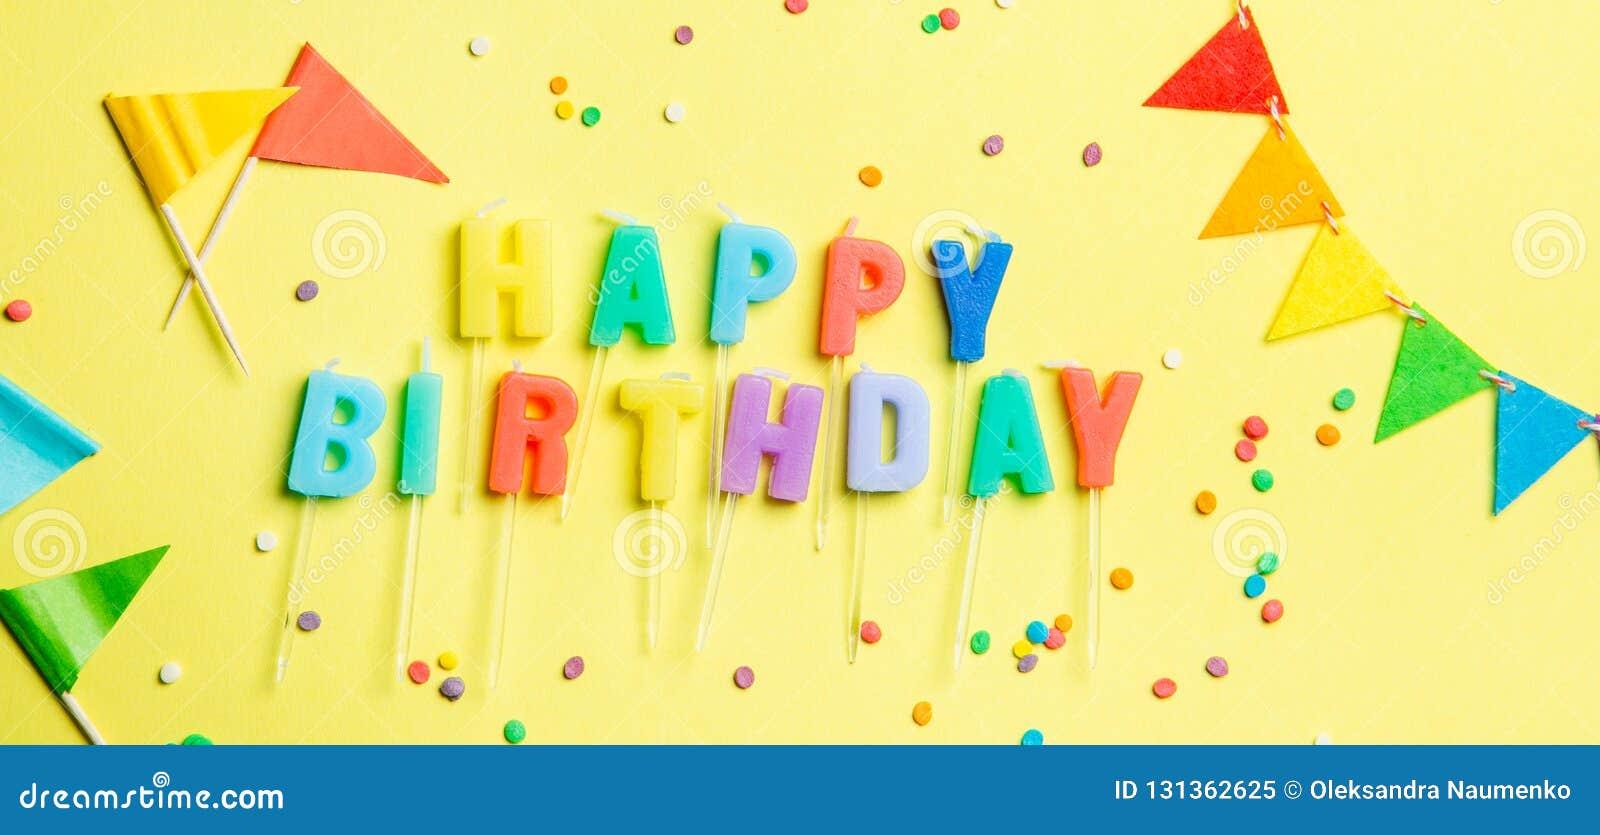 Verjaardagsconcept - kaarsen met brieven 'gelukkige verjaardag 'en confettien